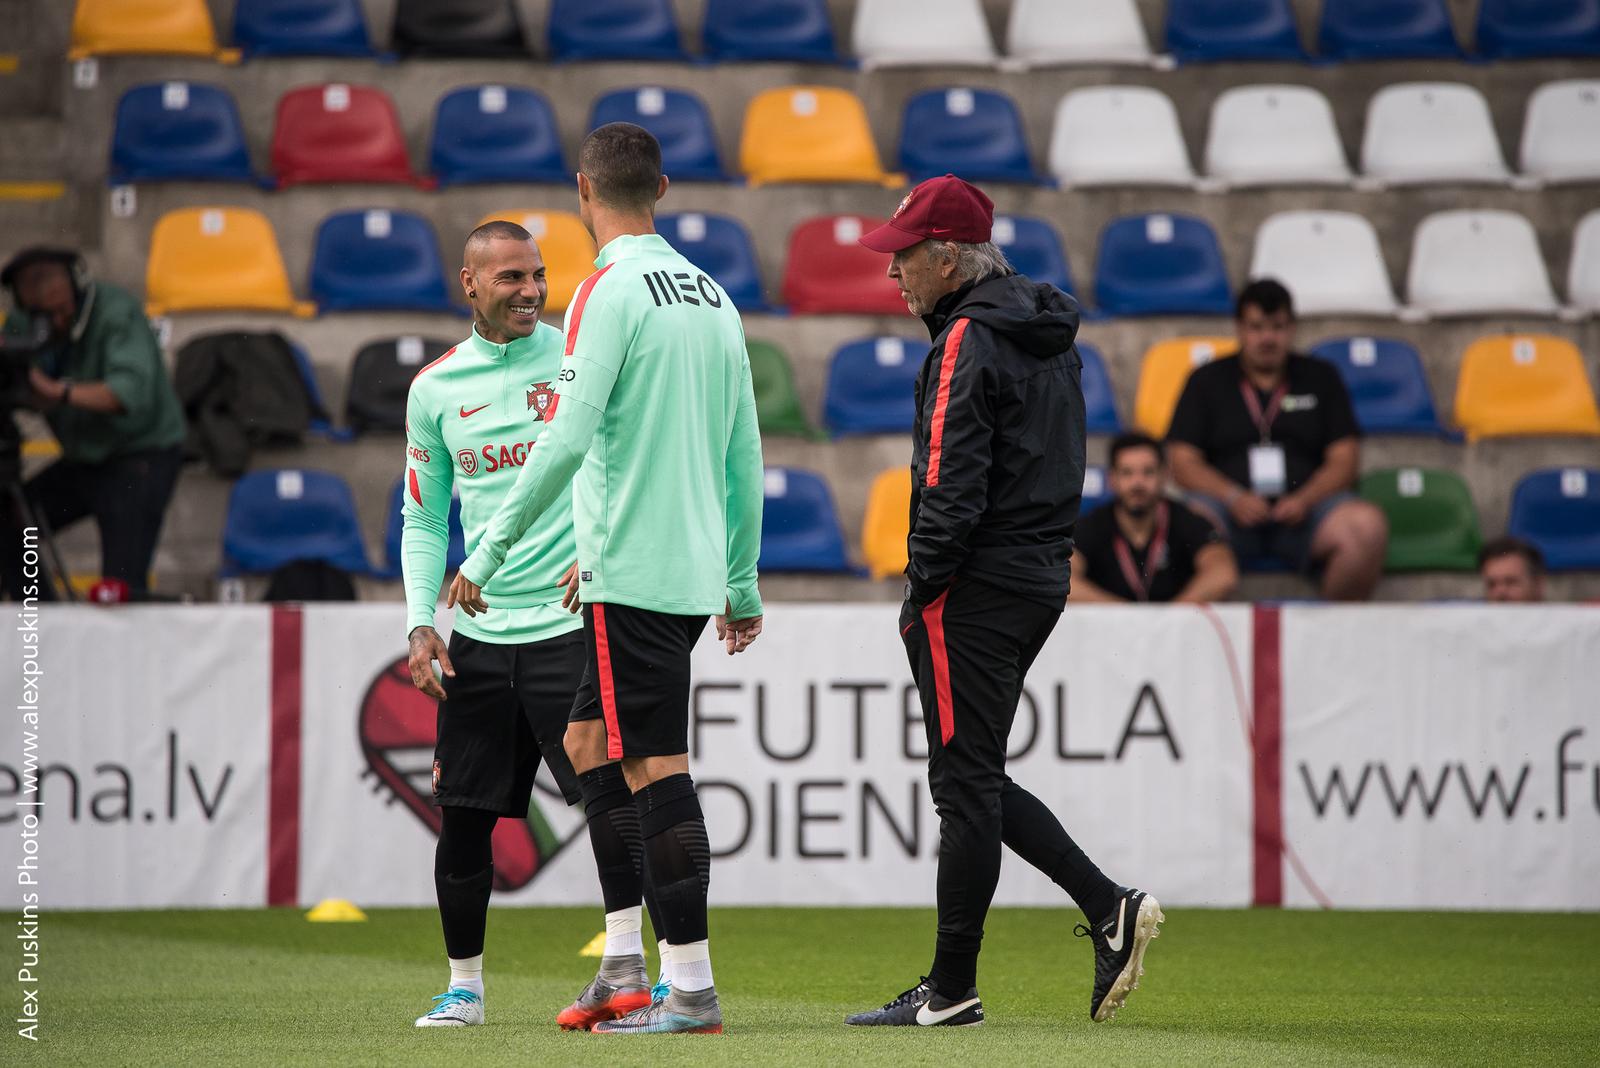 Тренировка сборной Португалии с Криштиано Рональду в Риге - фото